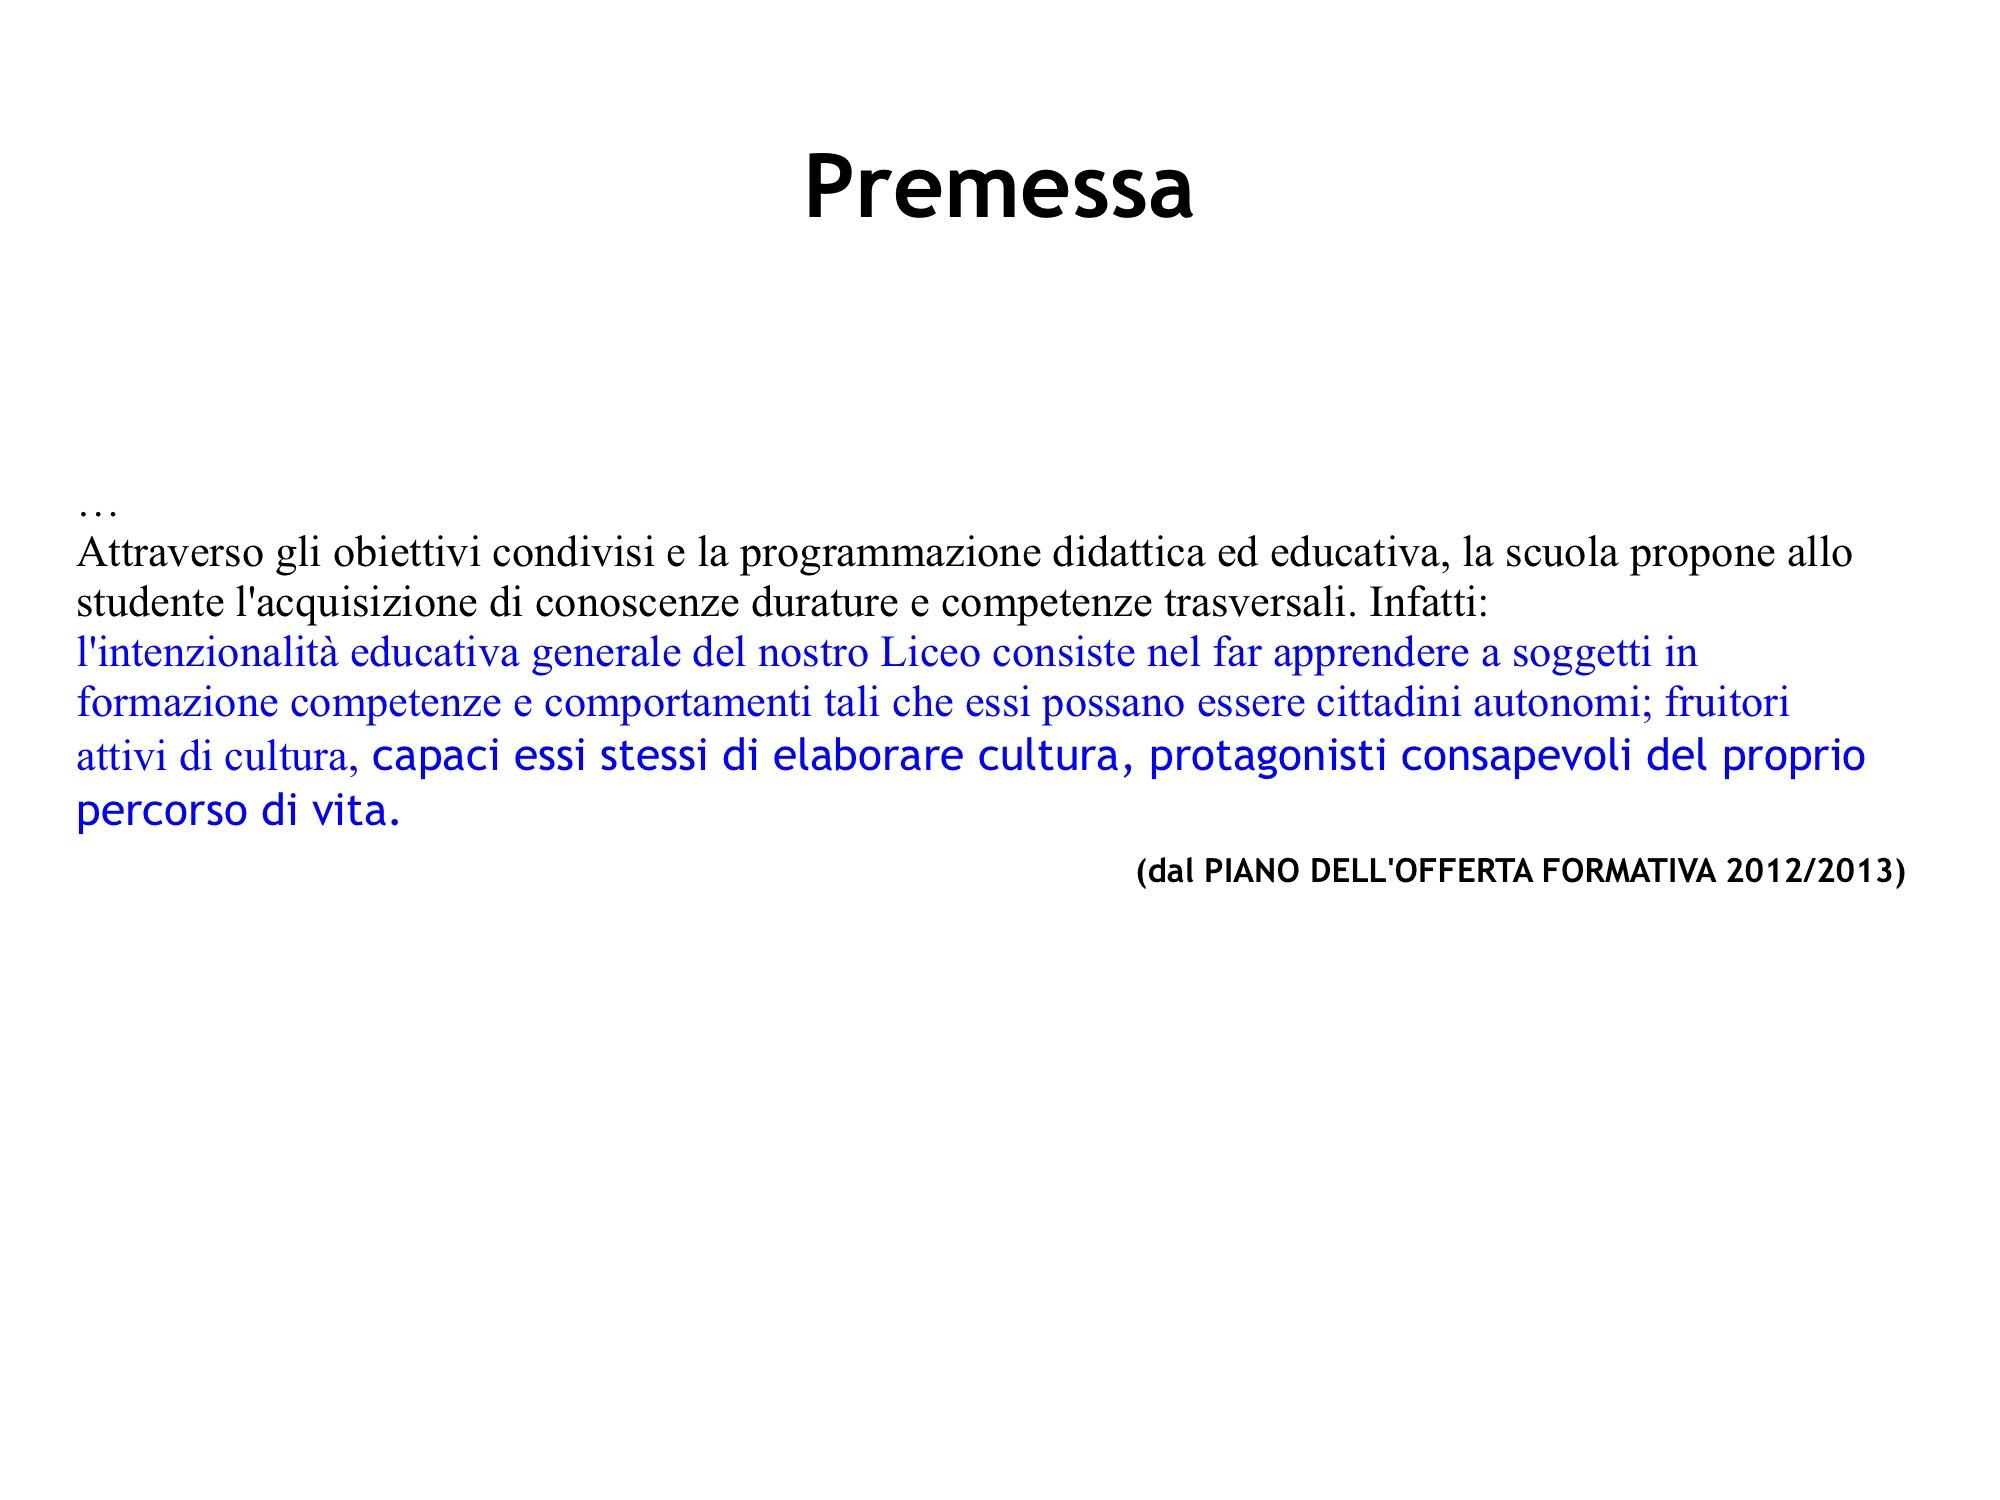 presentazione5aprile-130725103344-phpapp02 32.jpeg